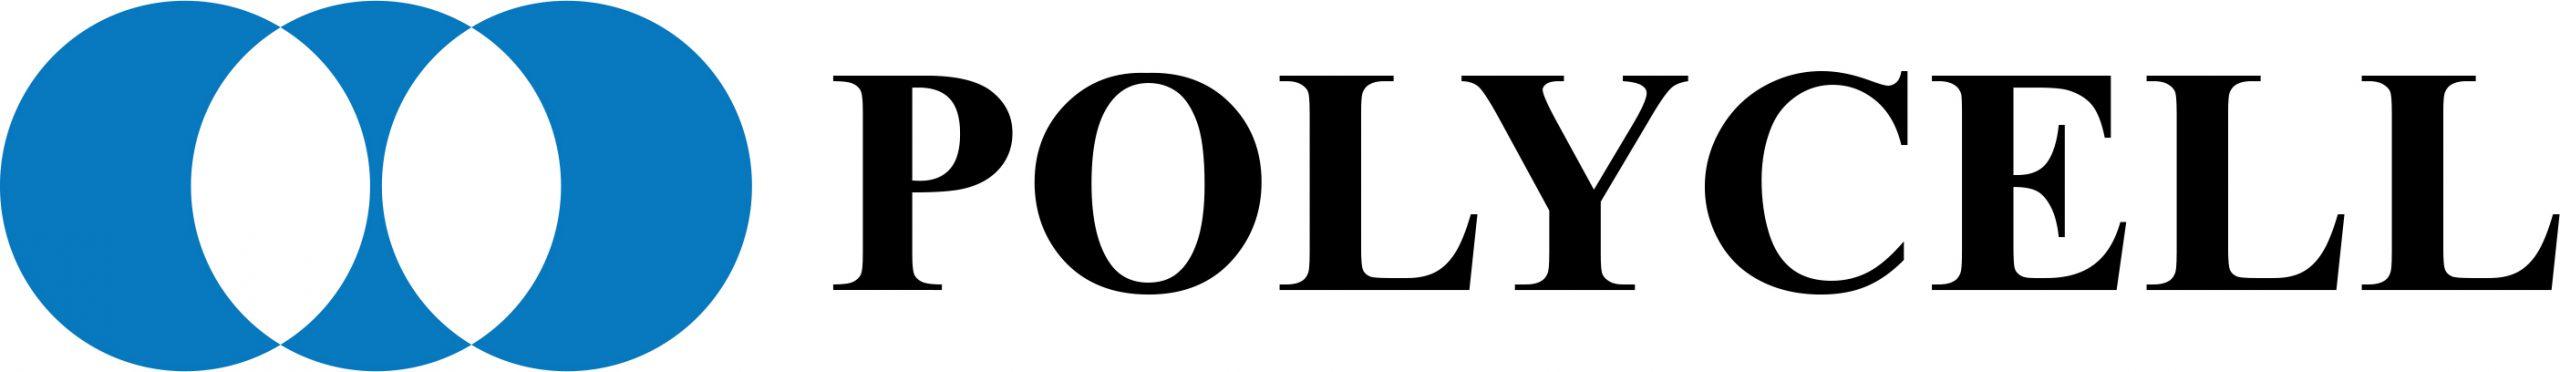 POLYON_logo